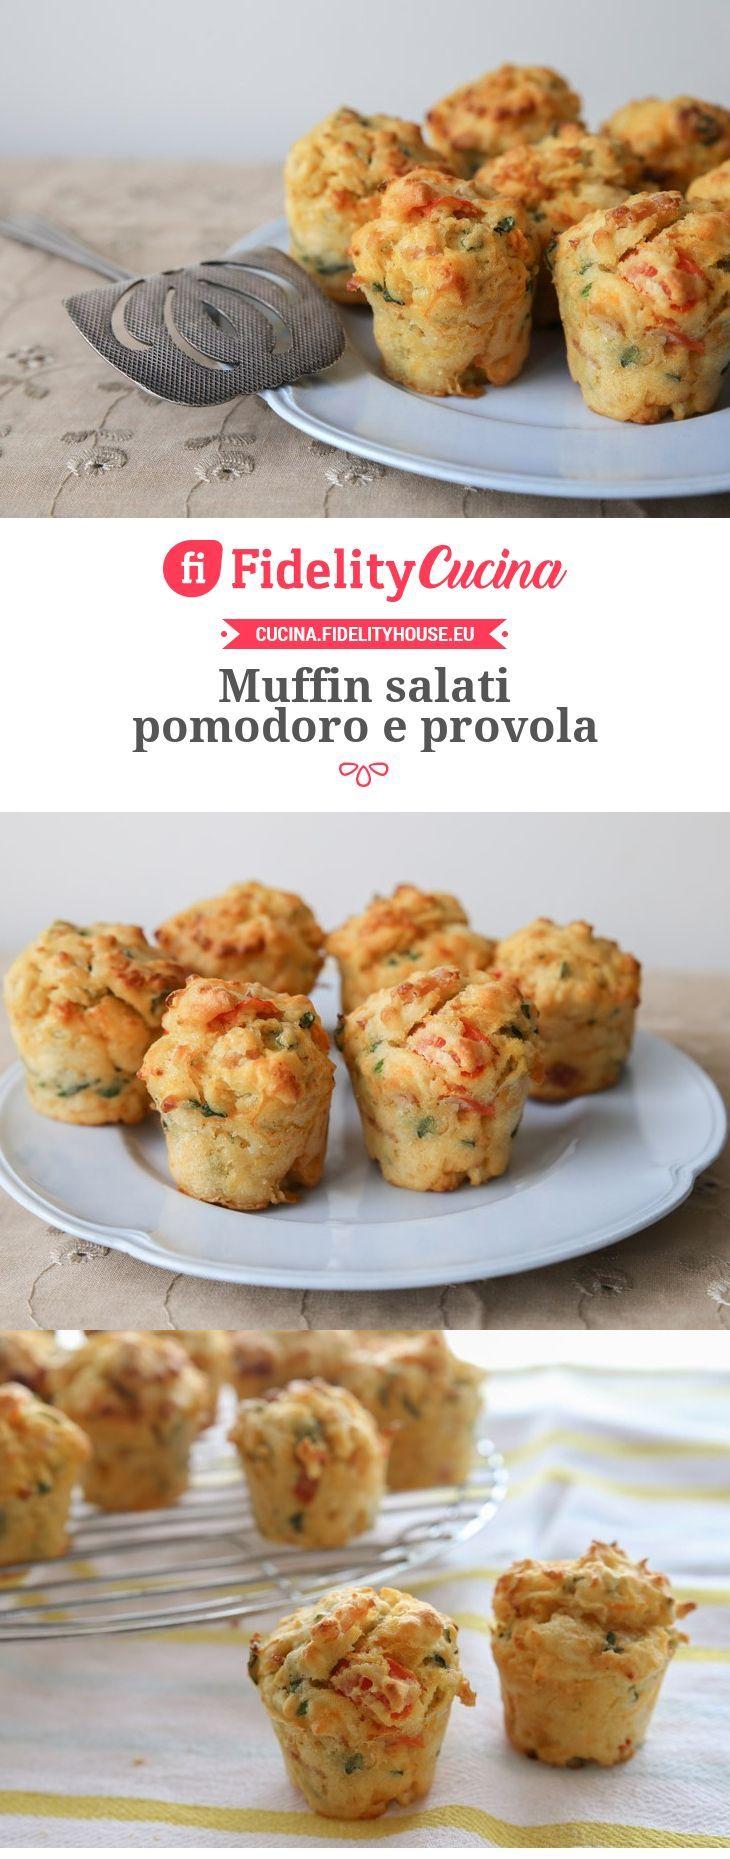 Muffin salati pomodoro e provola